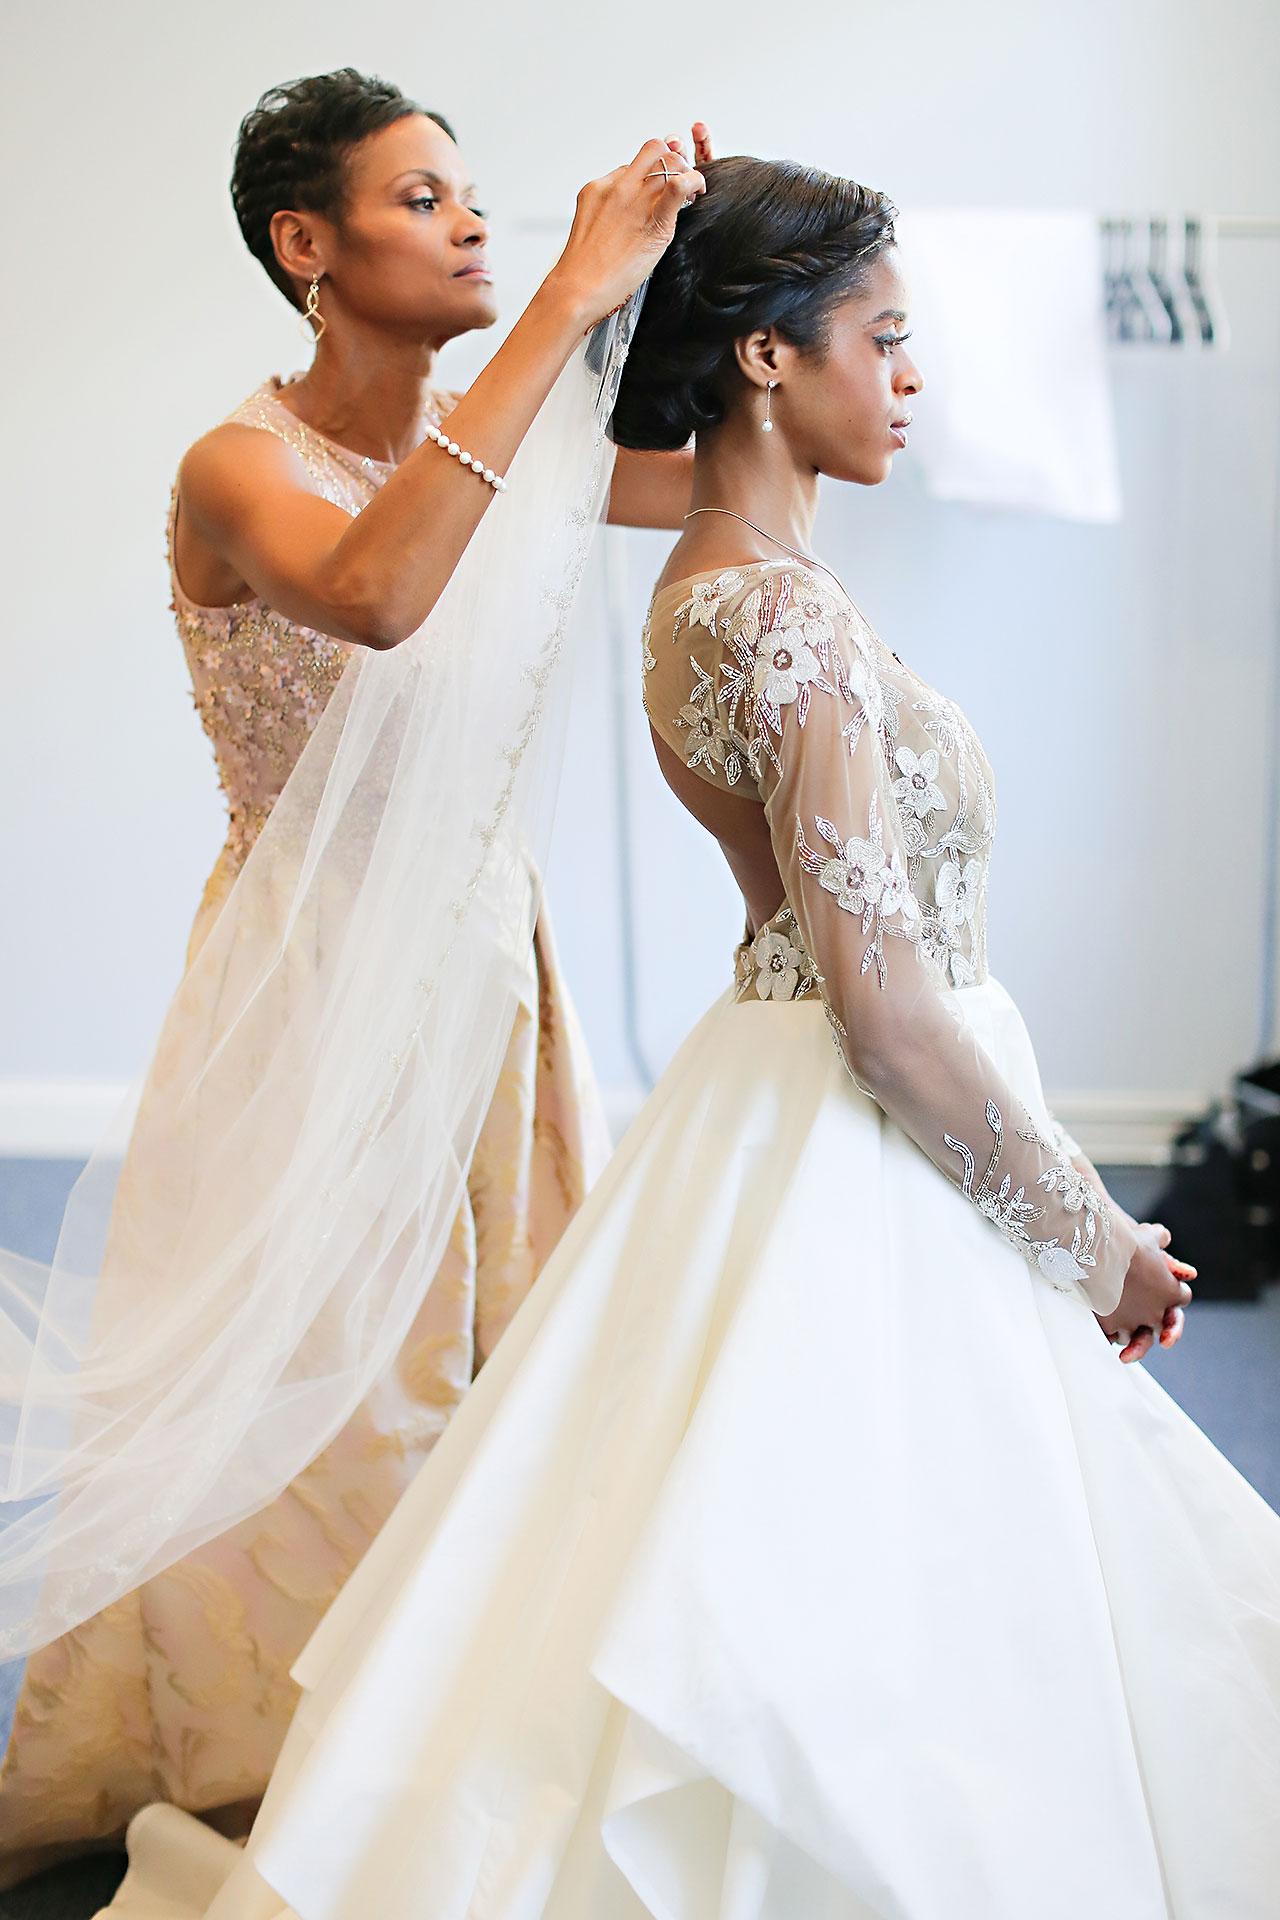 Joie Nikhil Indianapolis Christian Wedding 054